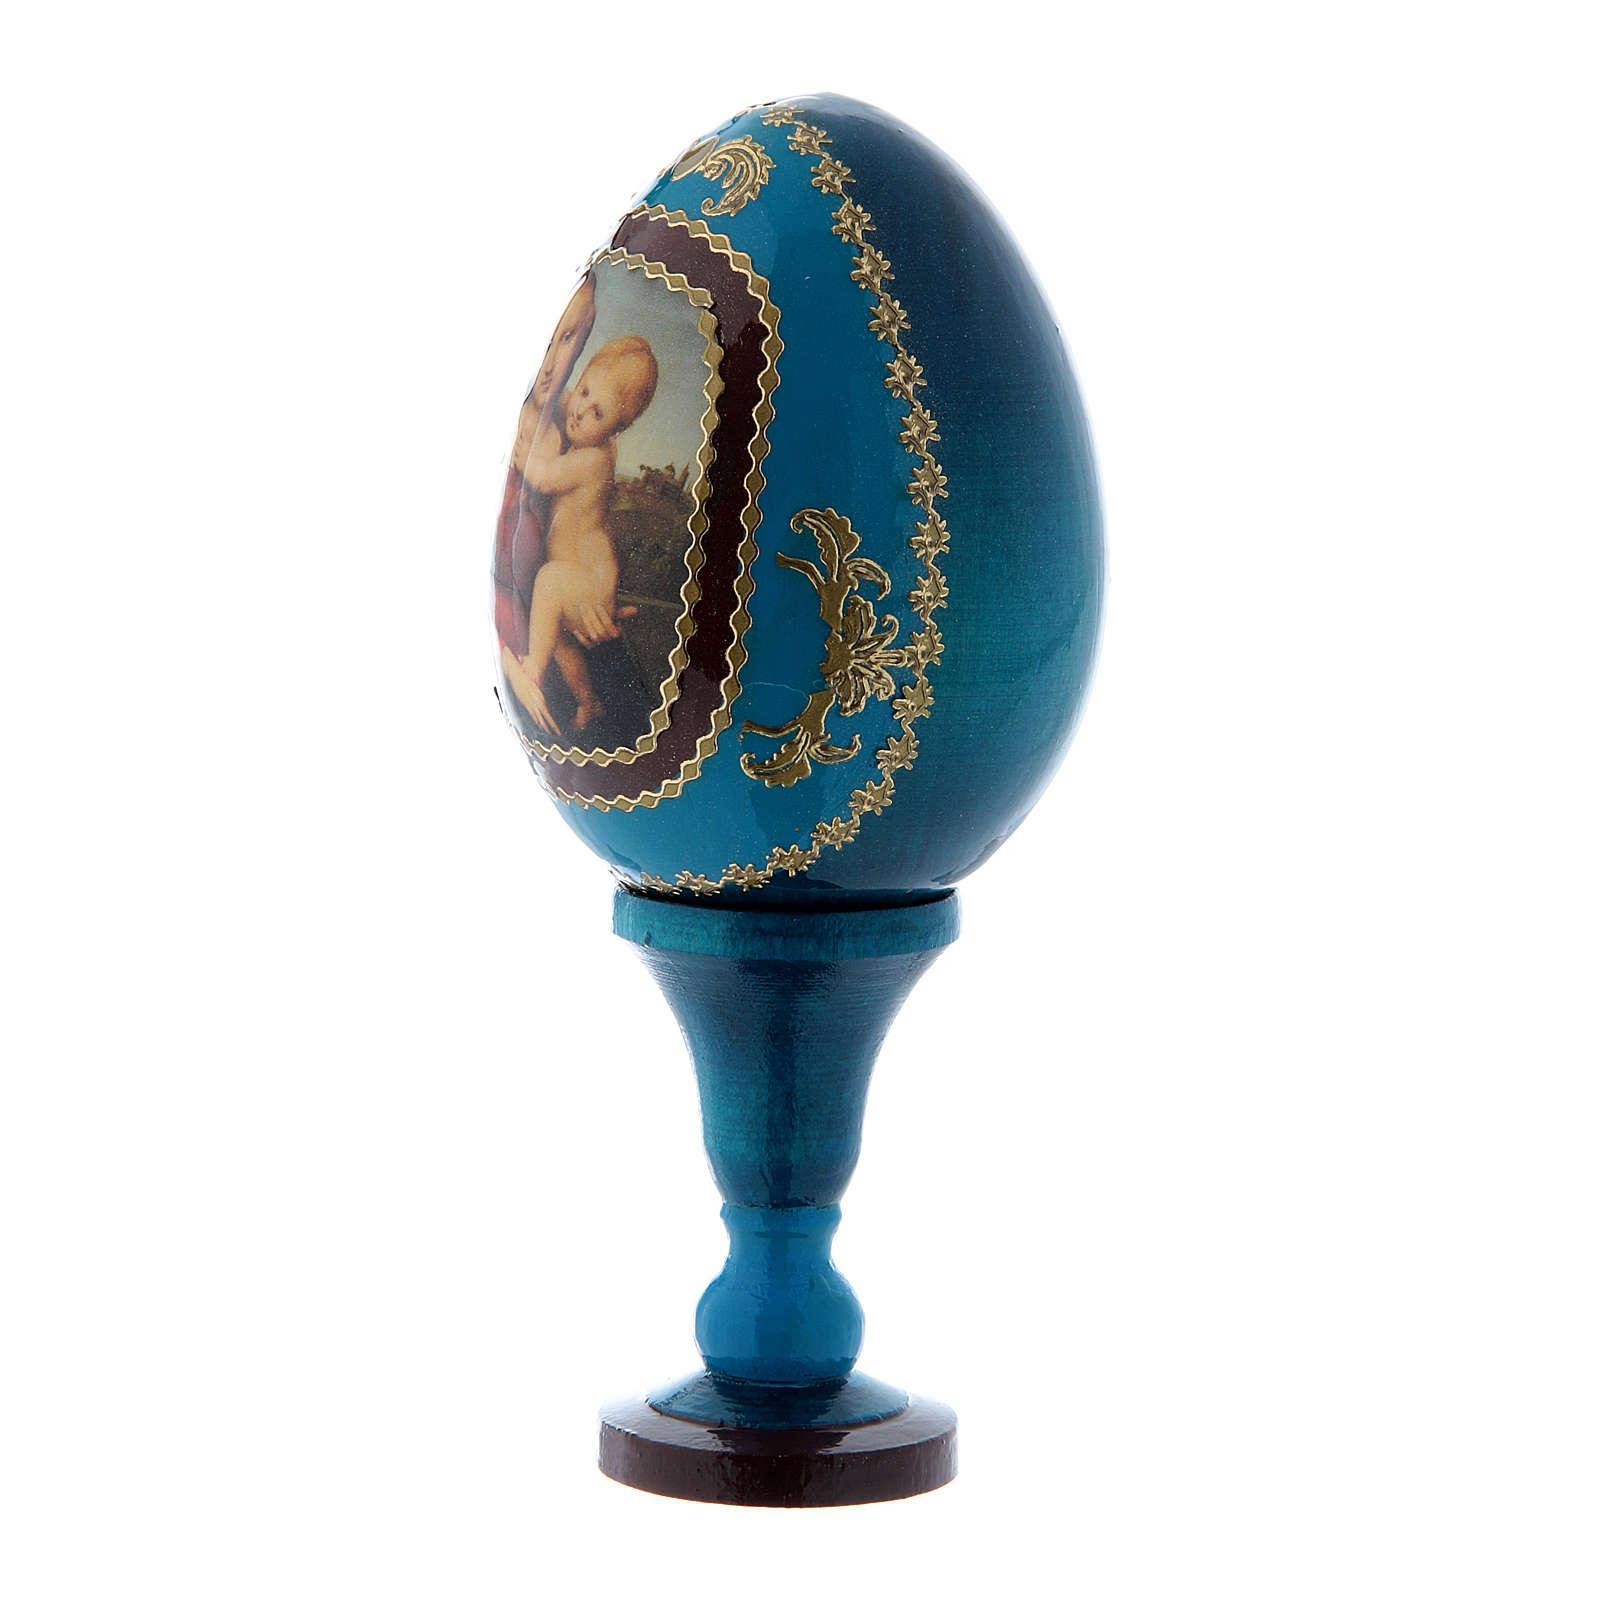 Uovo La Piccola Madonna Cowper découpage blu russo h tot 13 cm 4